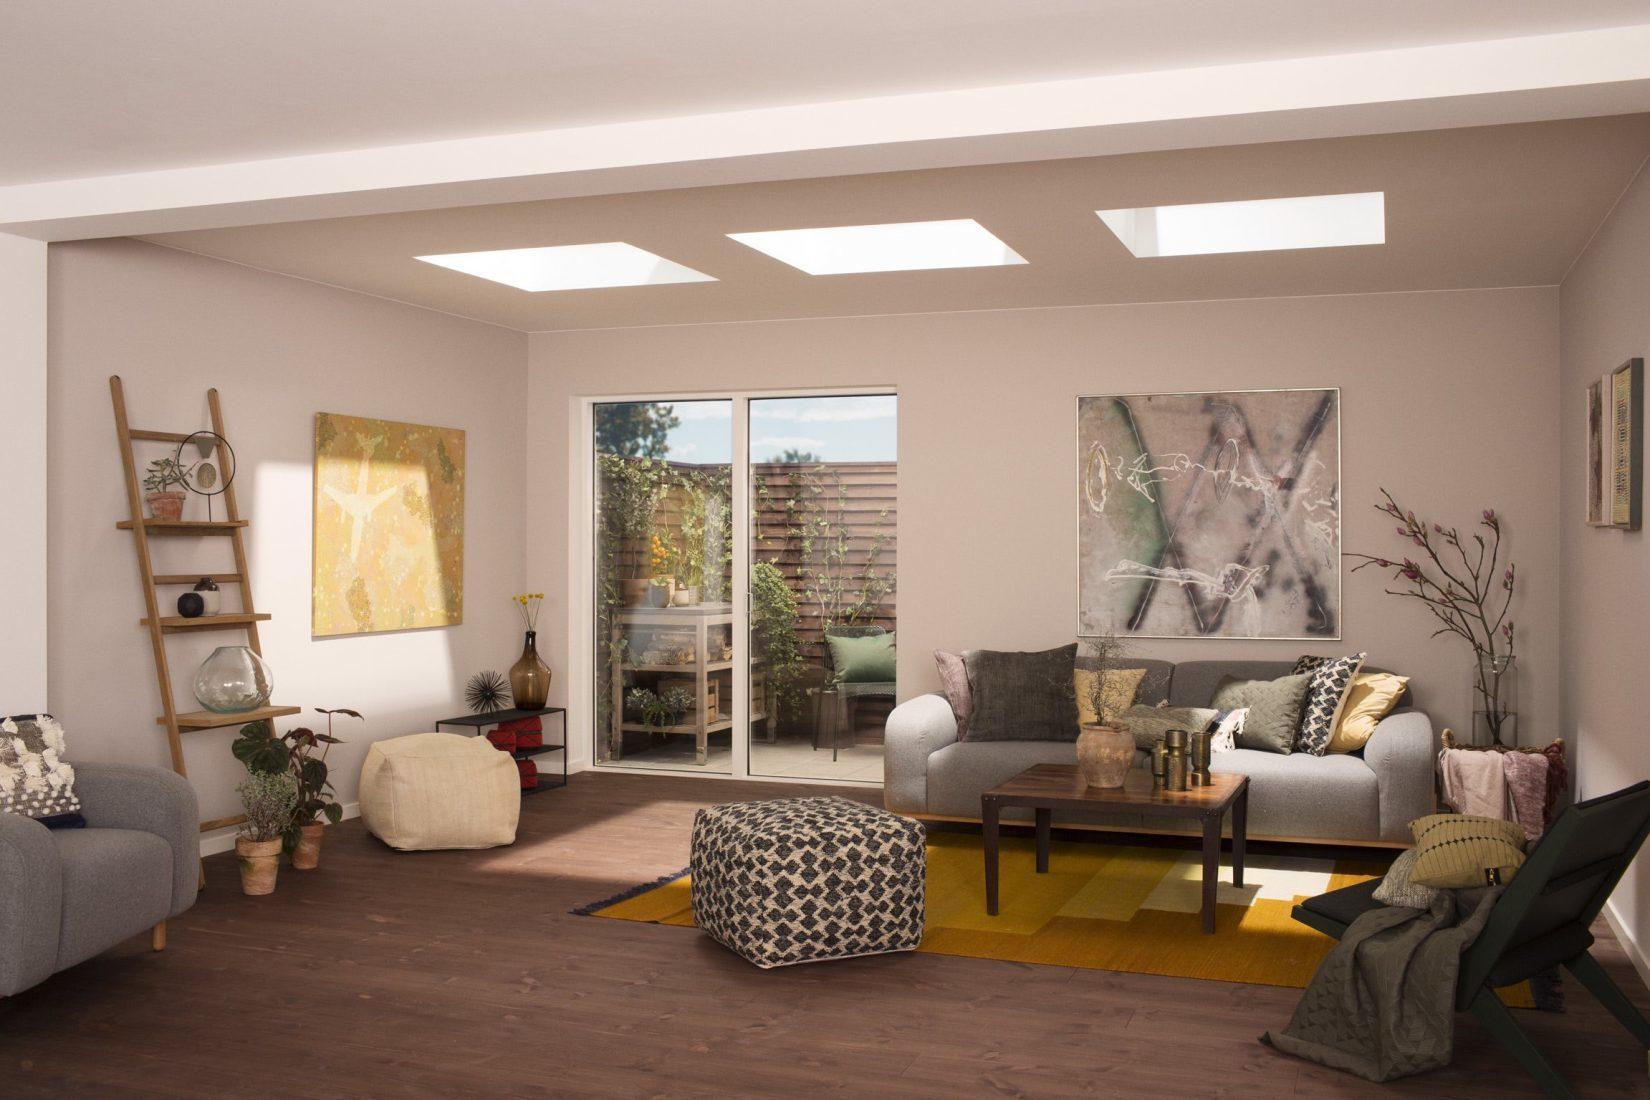 Flachdachfenster sind ein Highlight – gerade auch in Wohnbereichen. Foto: Velux